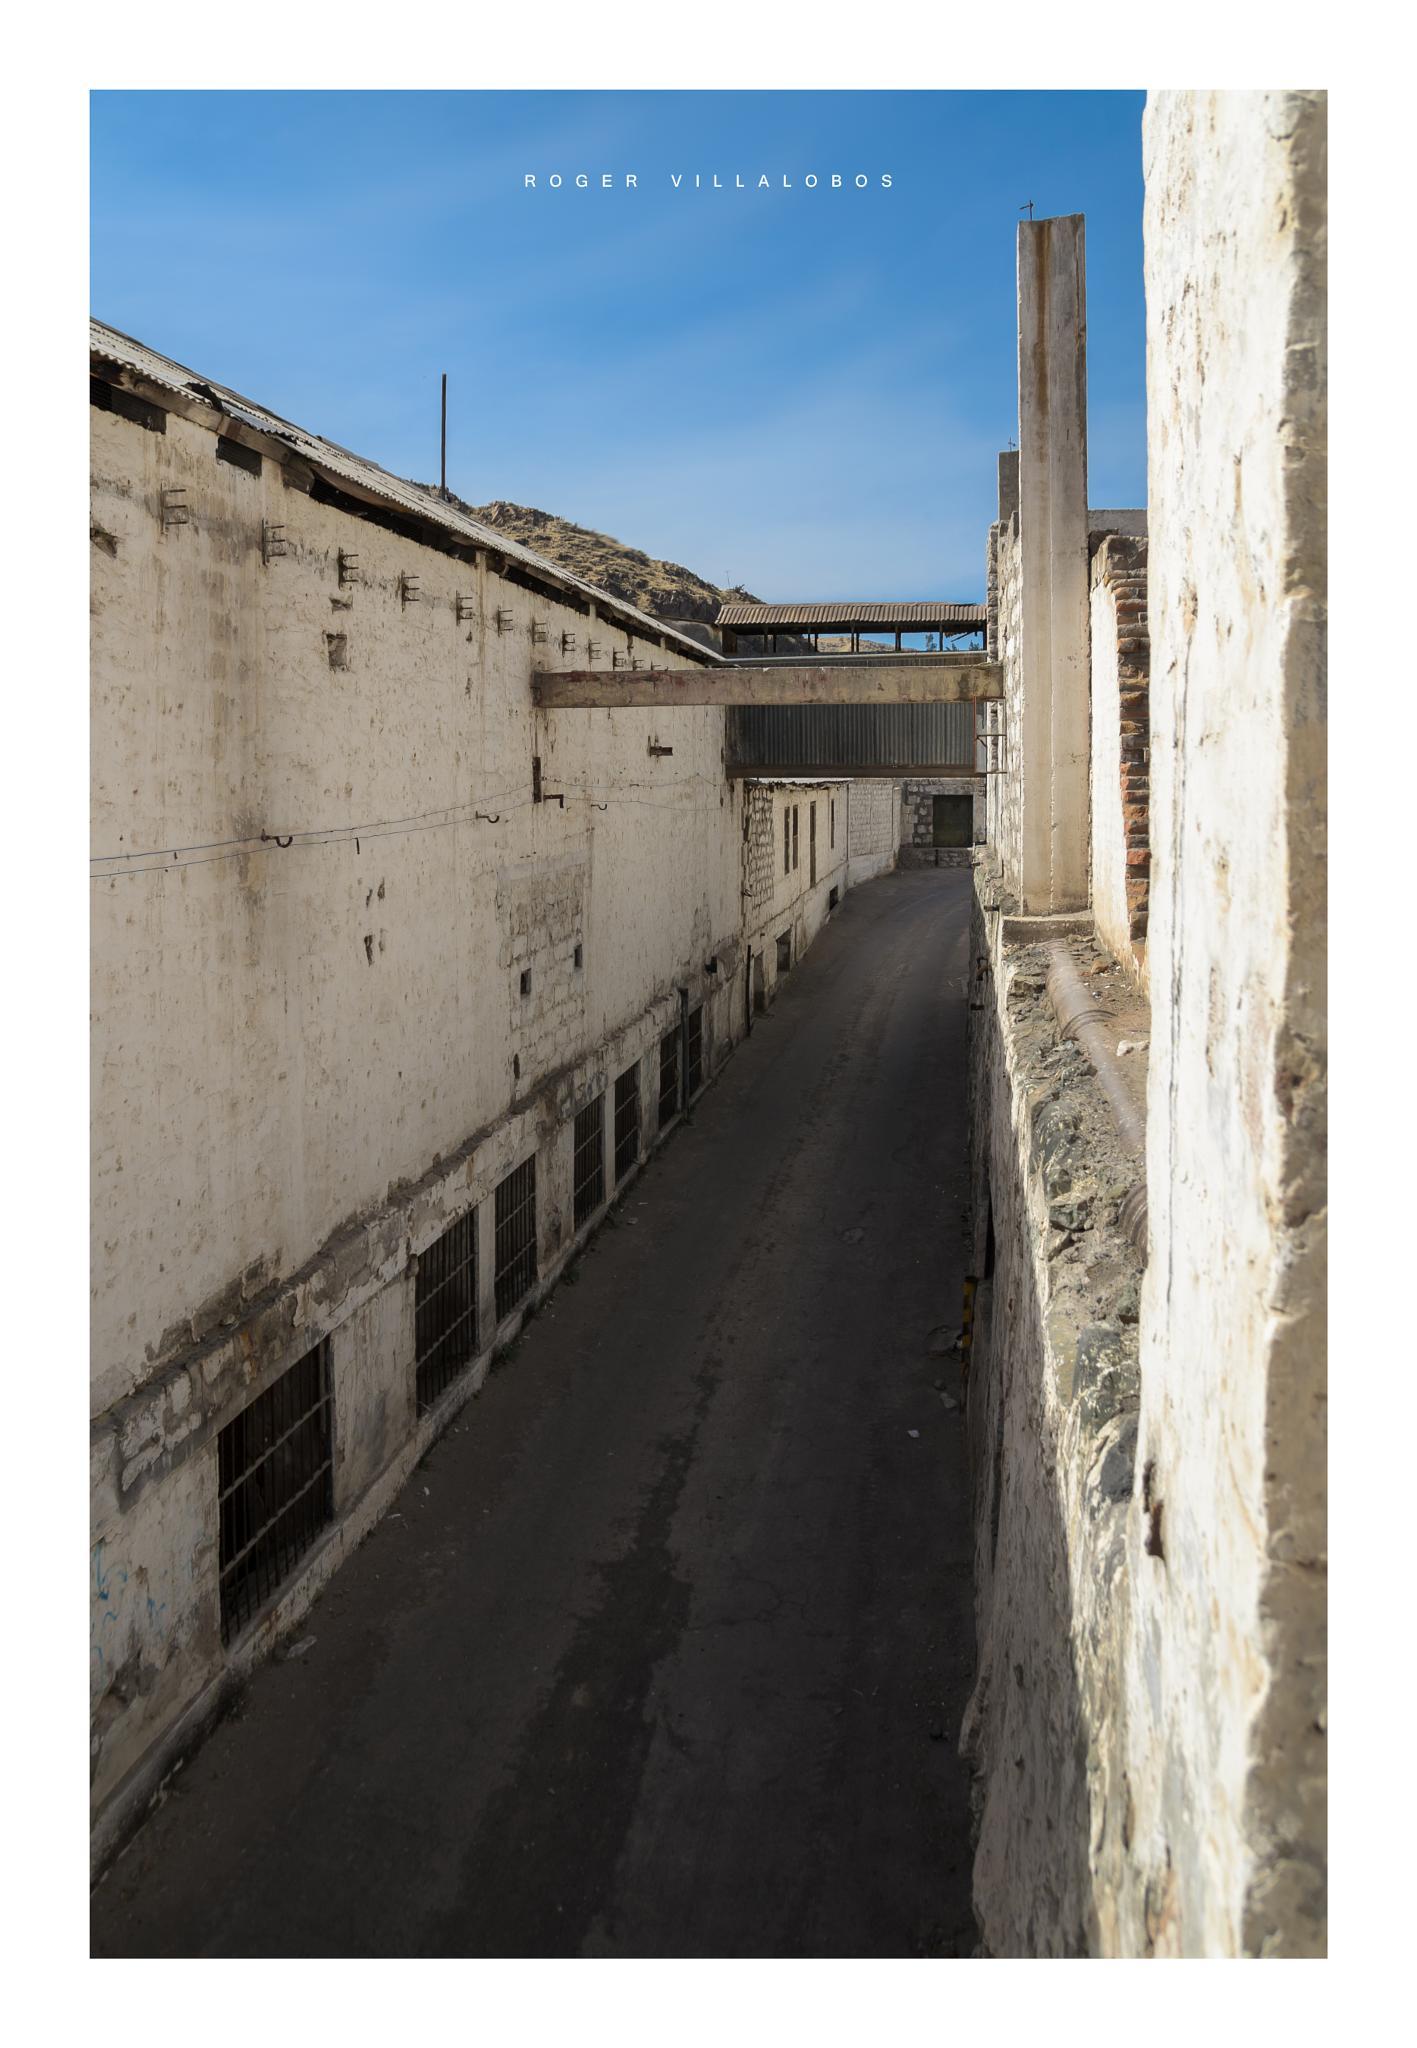 Old factory by Roger Villalobos Medina